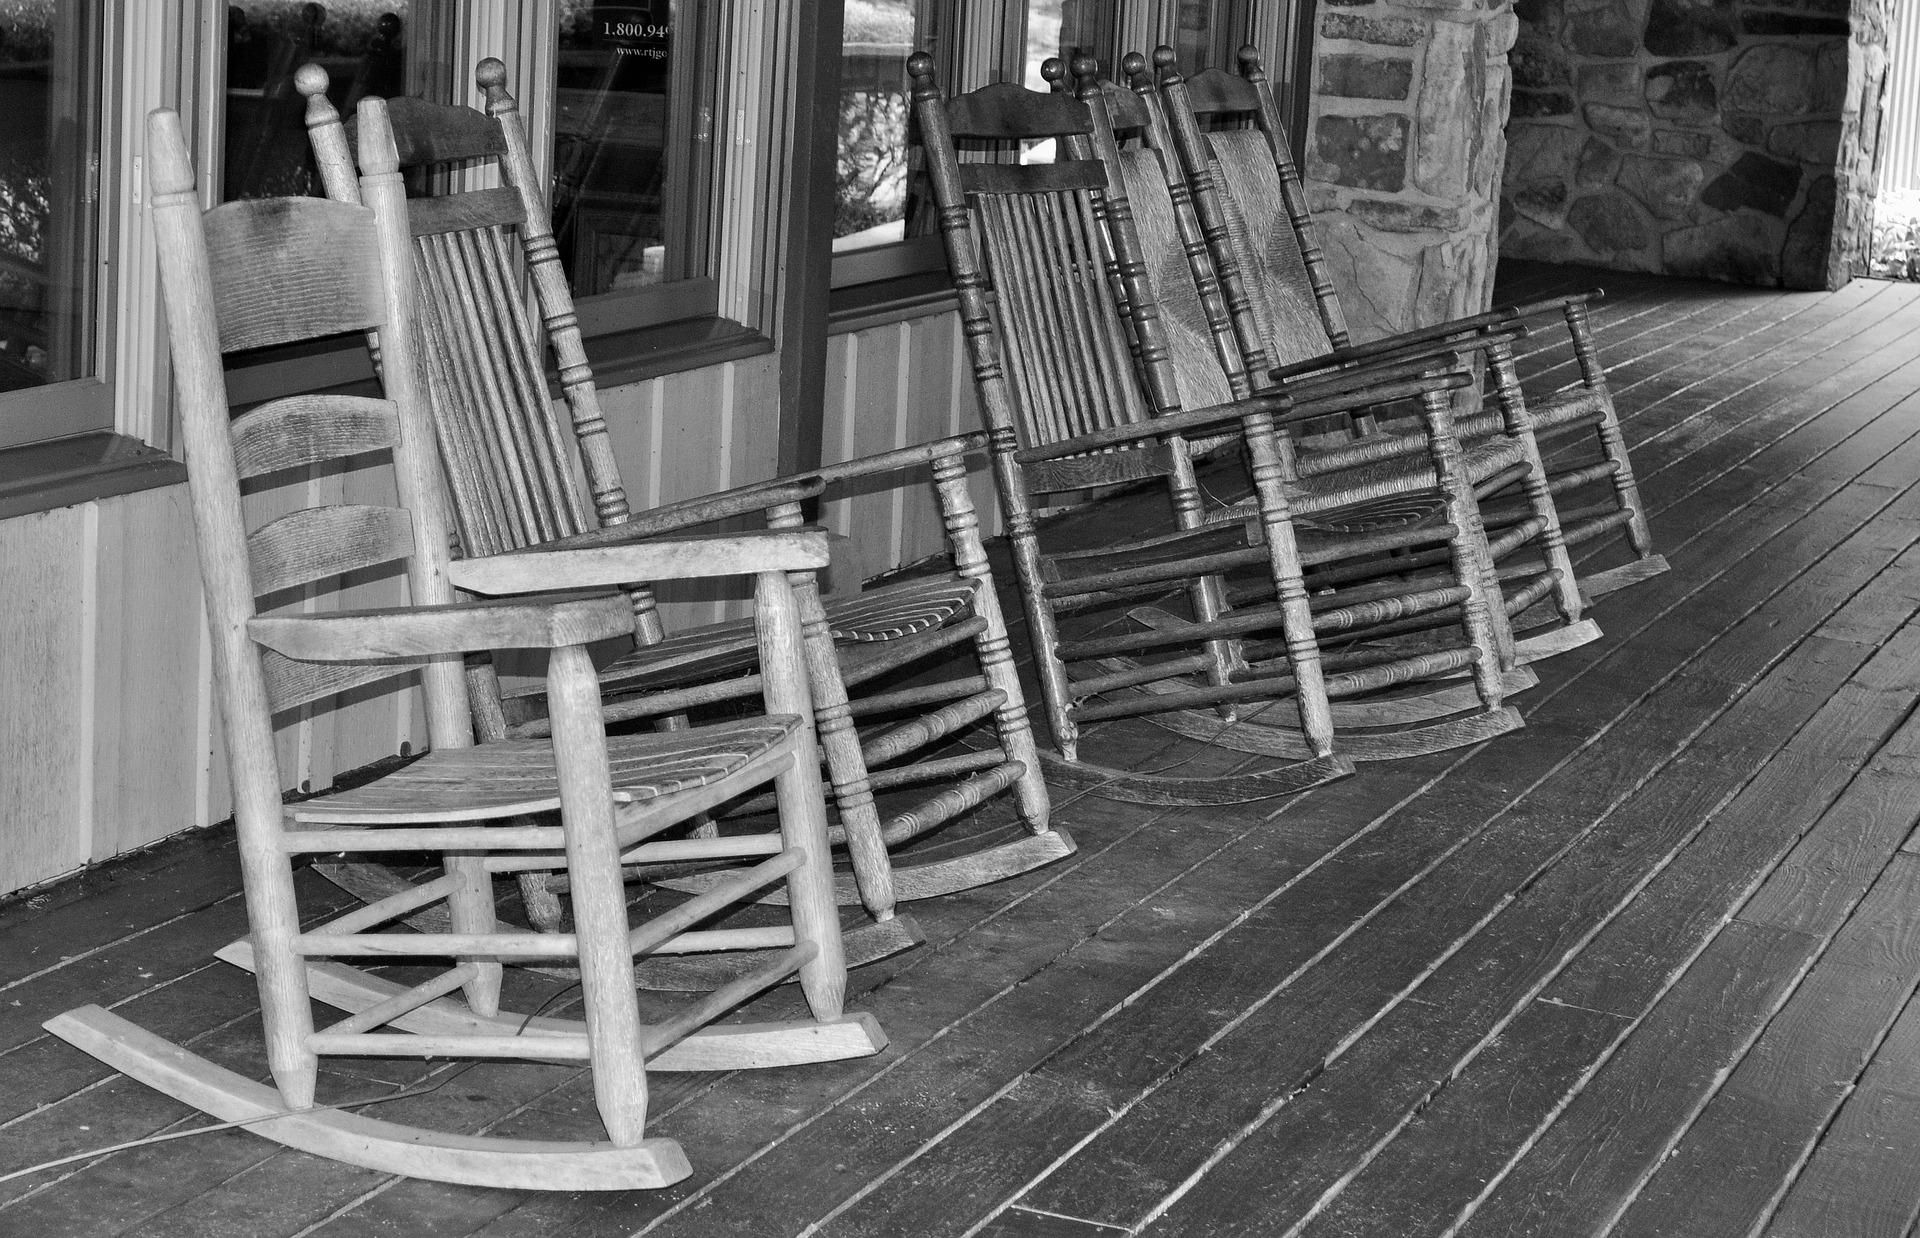 micro-nouvelle-enfance-souvenir-nostalgie-memoire-melancolie-chaise-rocking-chair-gregory-roose-litterature